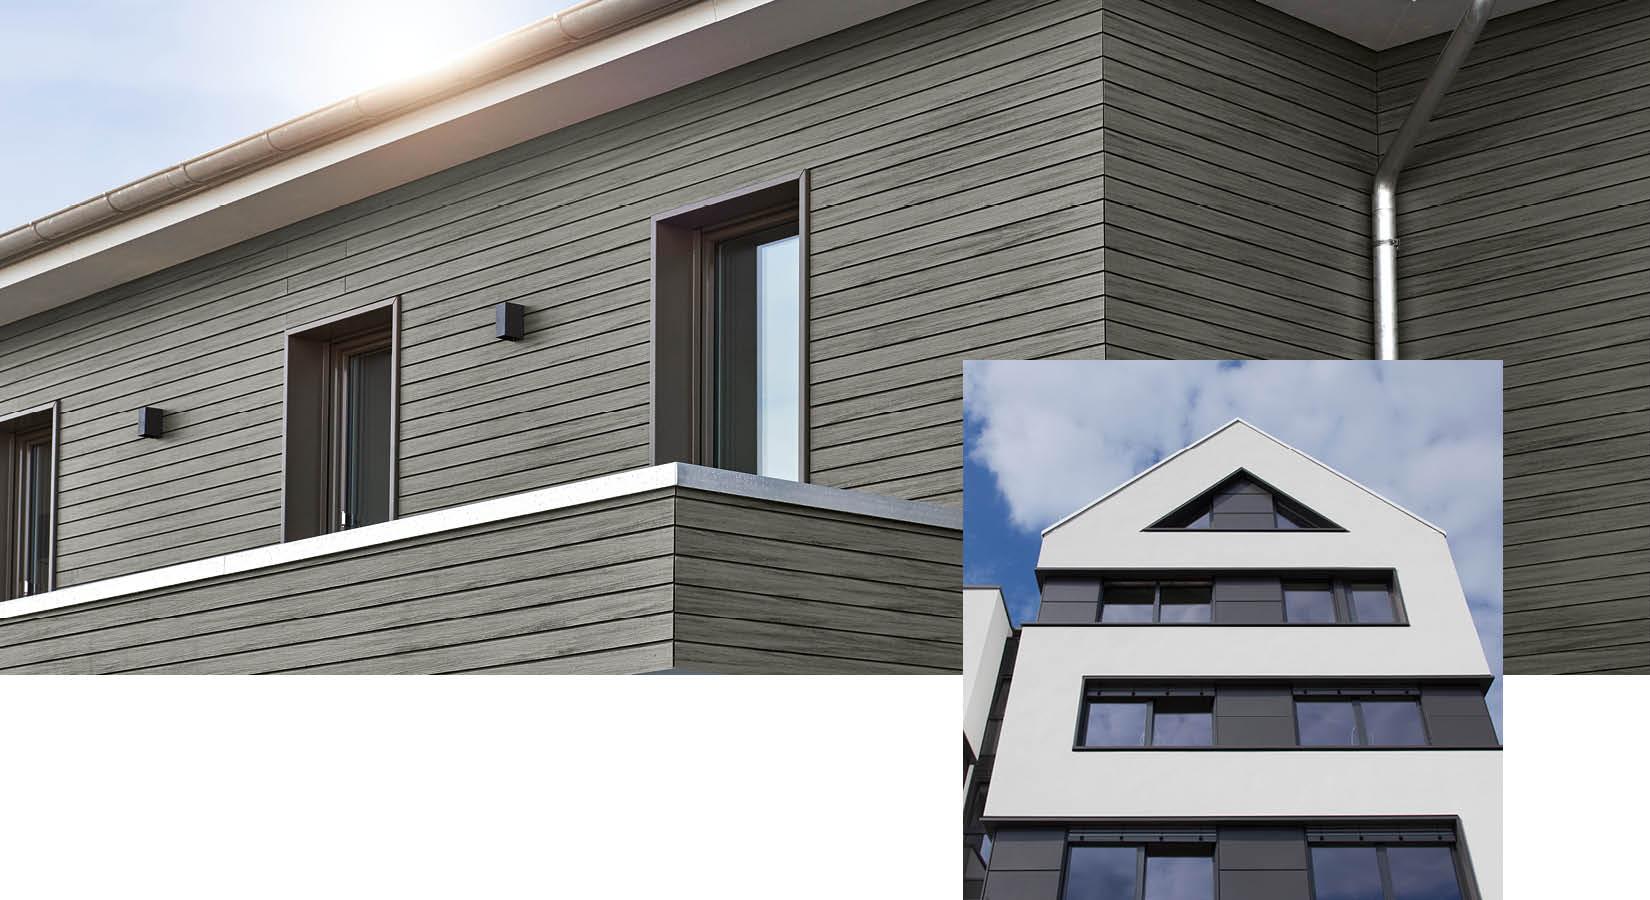 Holzfassade und verputzte Fassade von Schwarz & Sohn